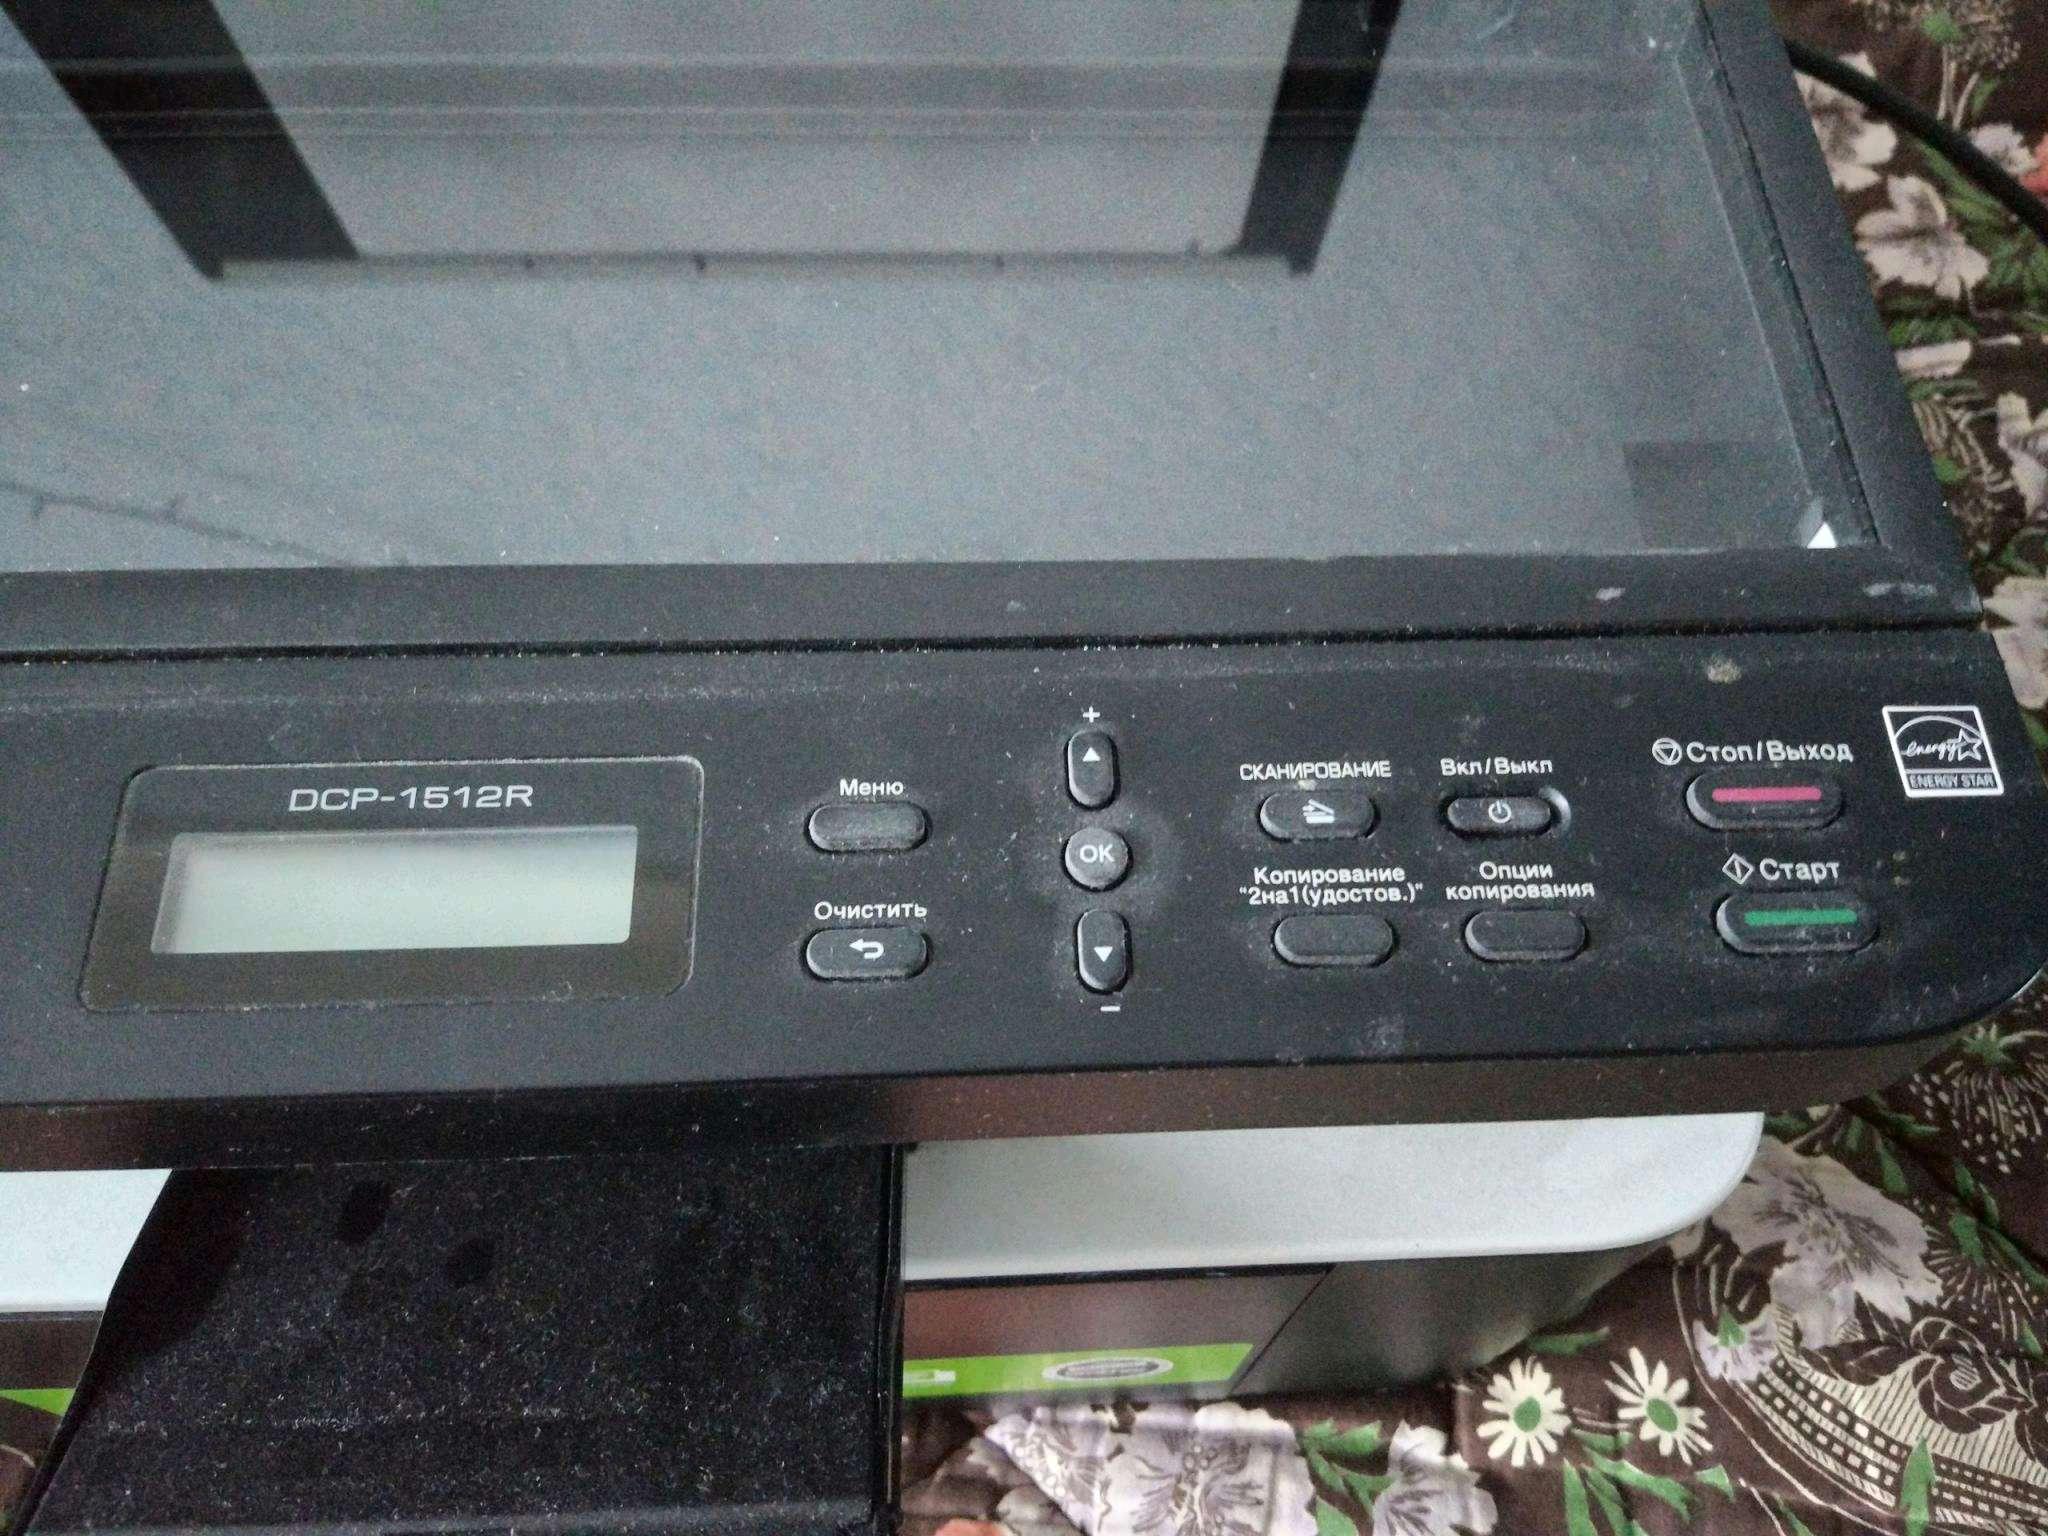 видео инструкции по работе с принтером panasonic кх